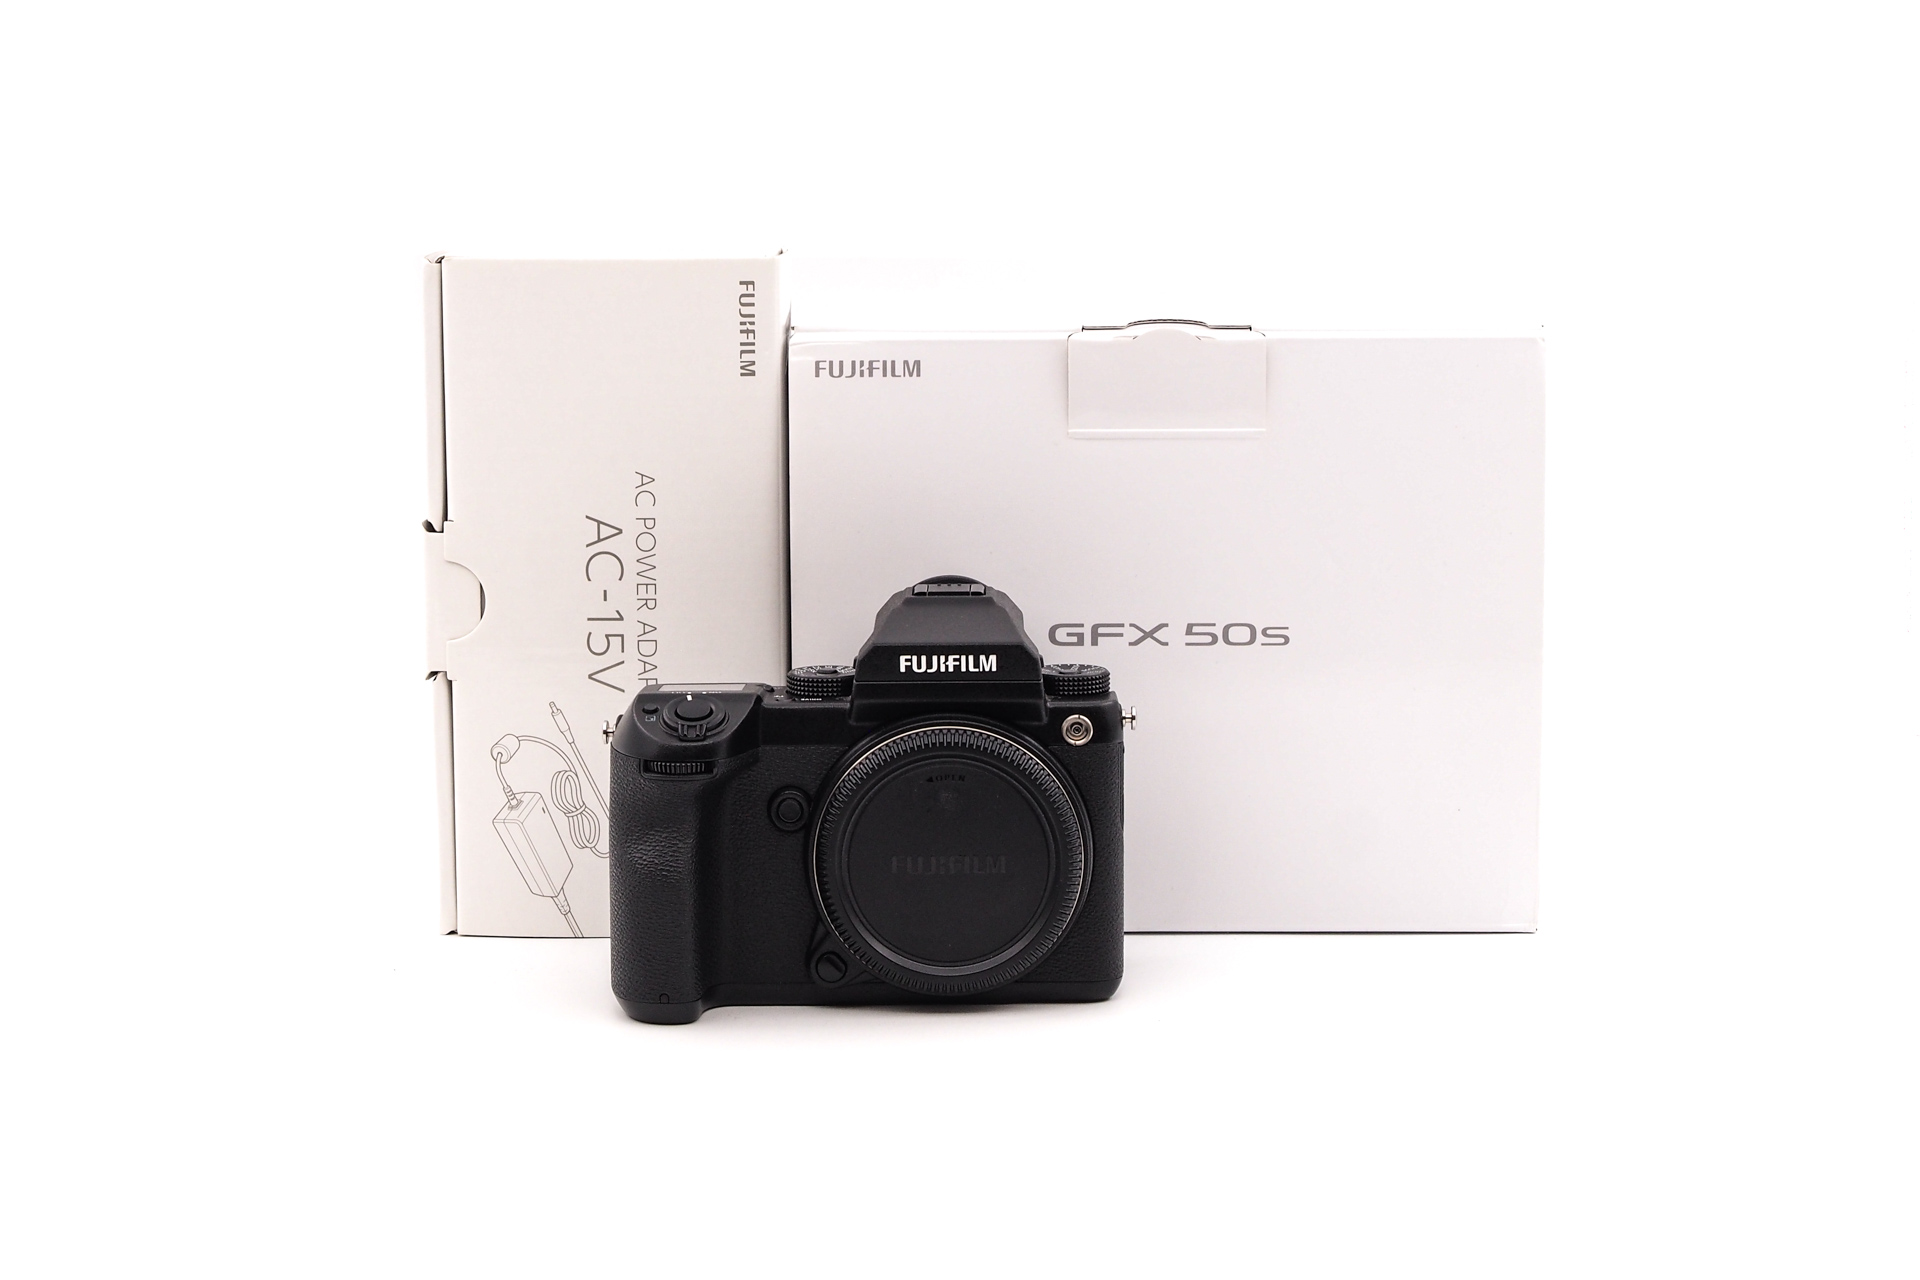 Fujifilm GFX-50s